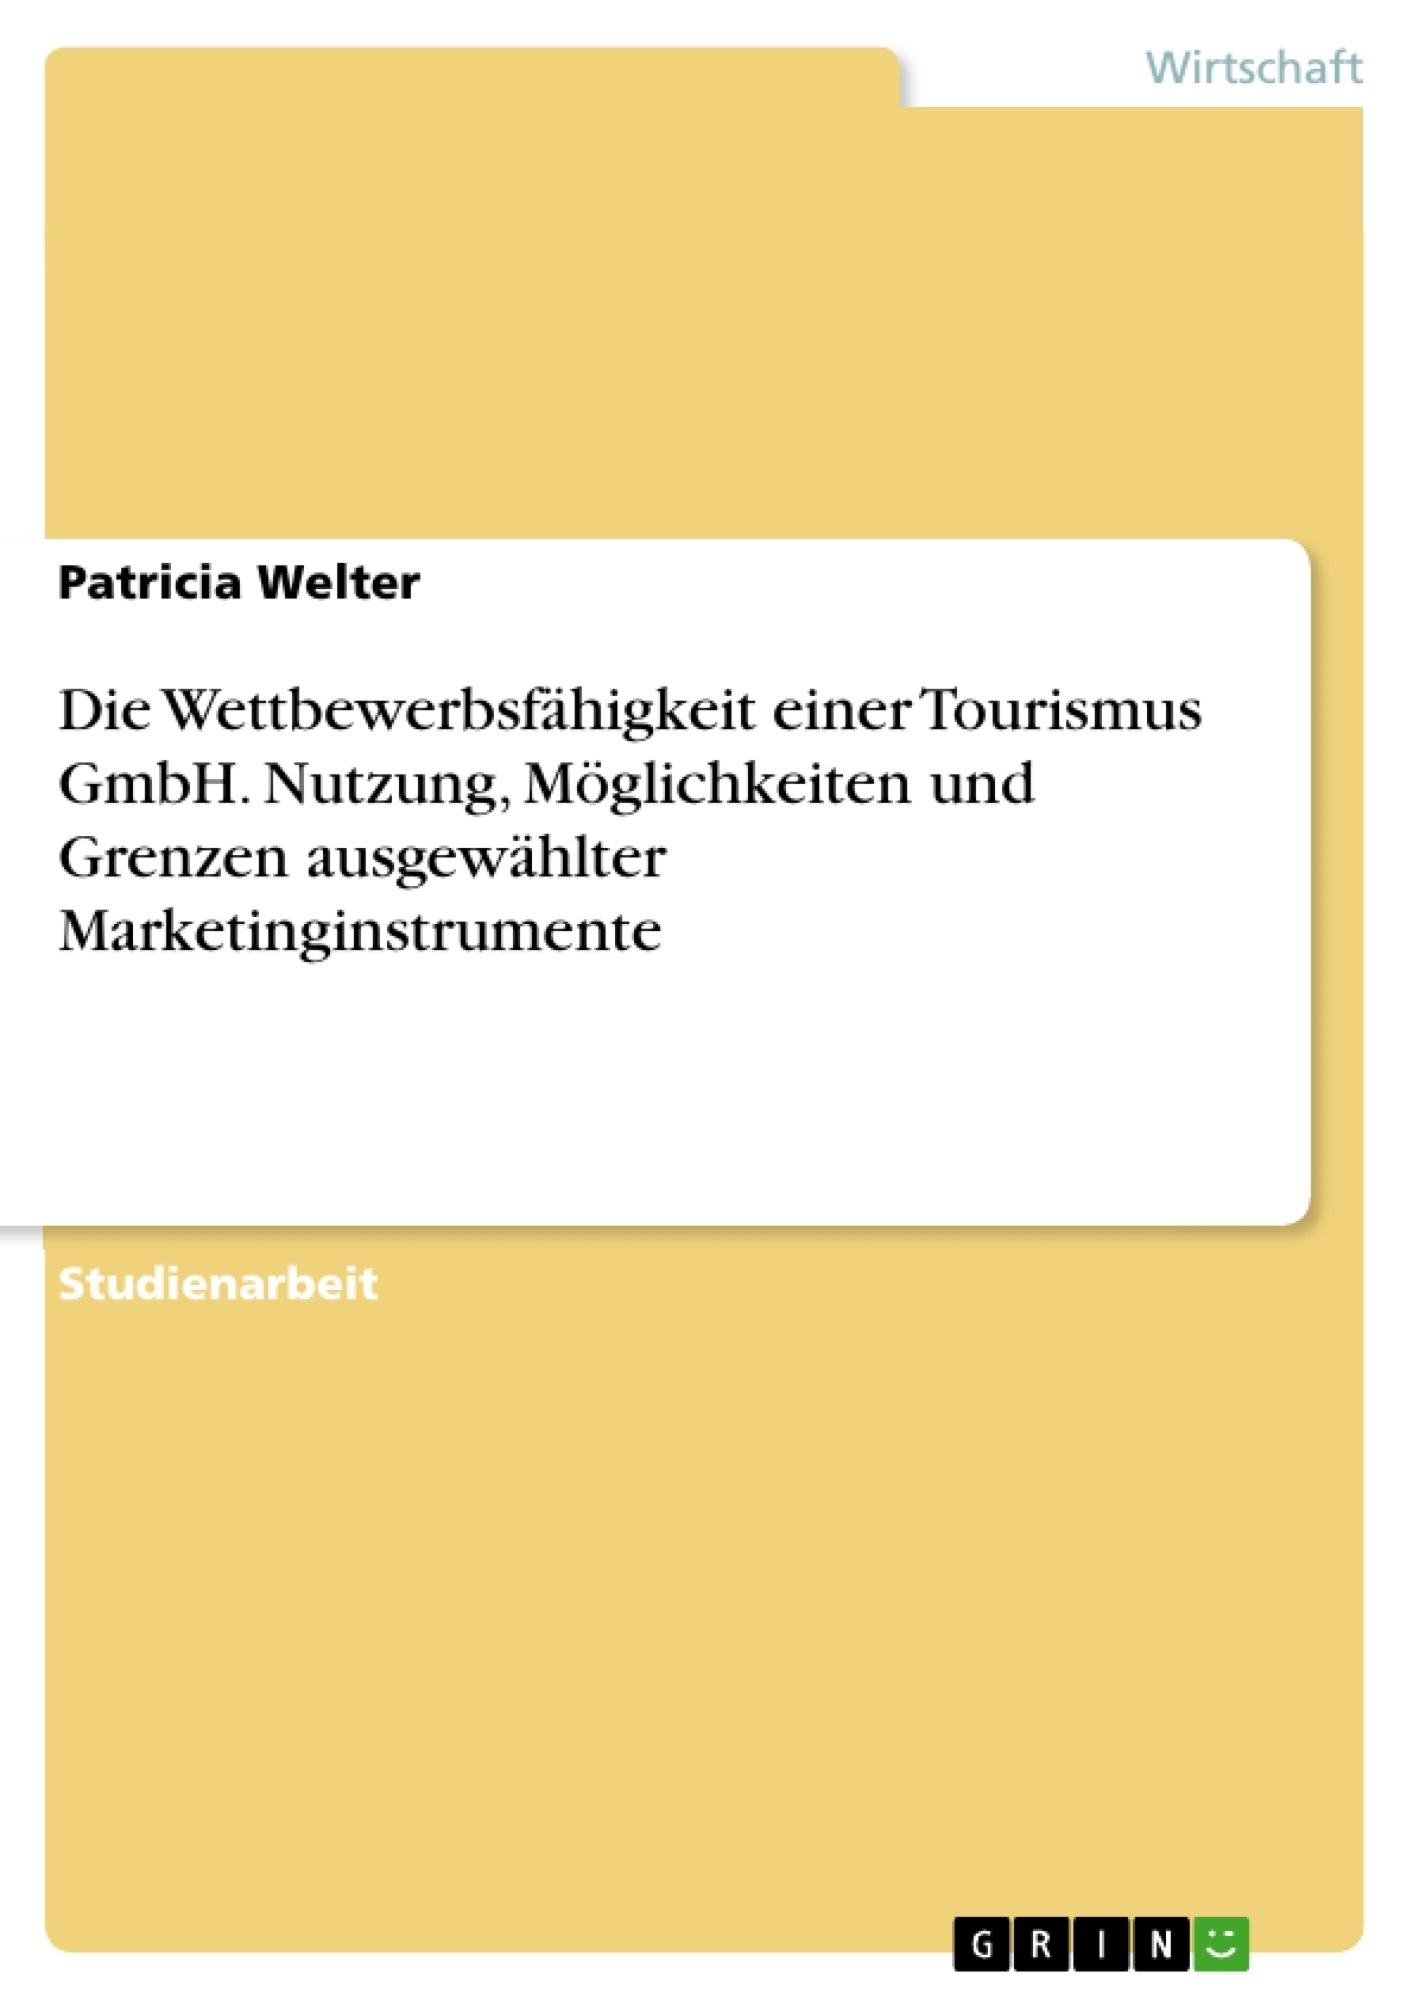 Titel: Die Wettbewerbsfähigkeit einer Tourismus GmbH. Nutzung, Möglichkeiten und Grenzen ausgewählter Marketinginstrumente